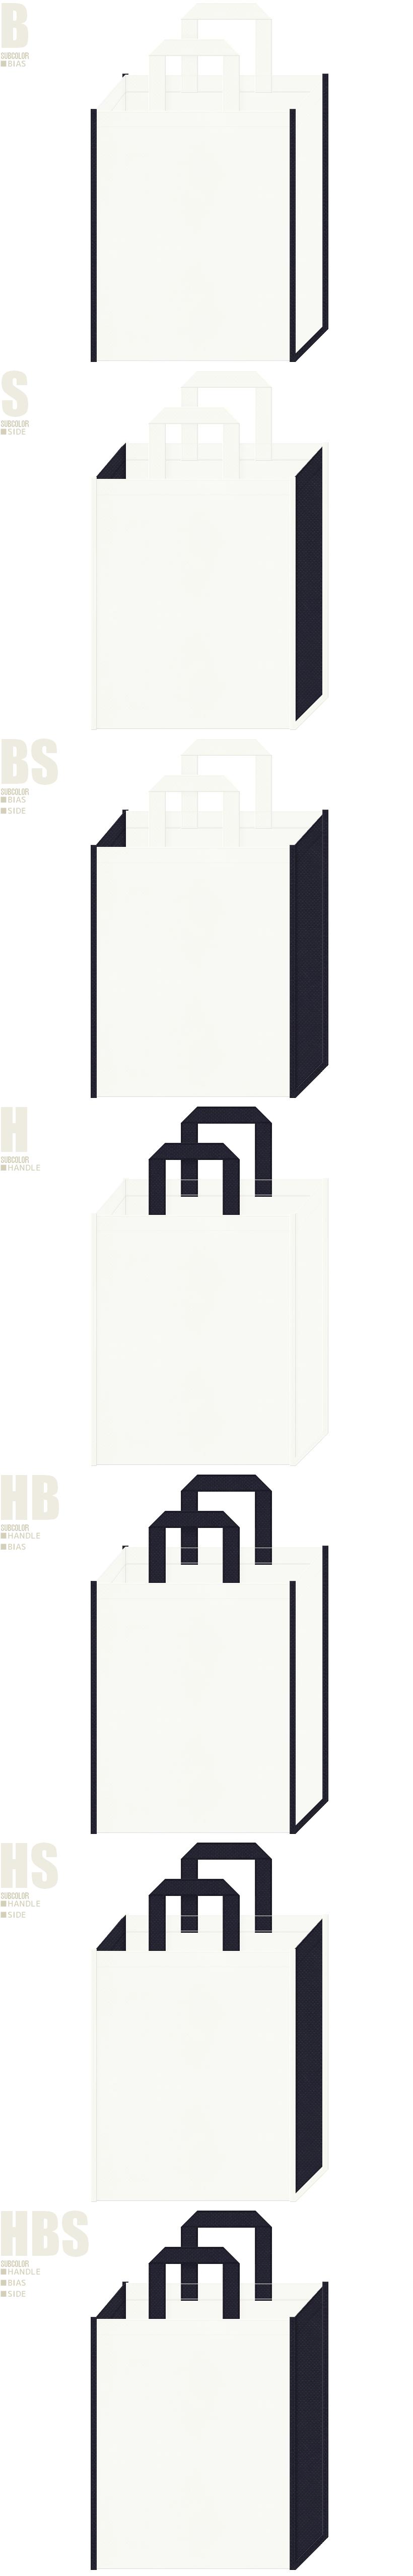 オフホワイト色と濃紺色、7パターンの不織布トートバッグ配色デザイン例。クルーザー・ボート・ヨット・マリンスポーツ用品の展示会用バッグ